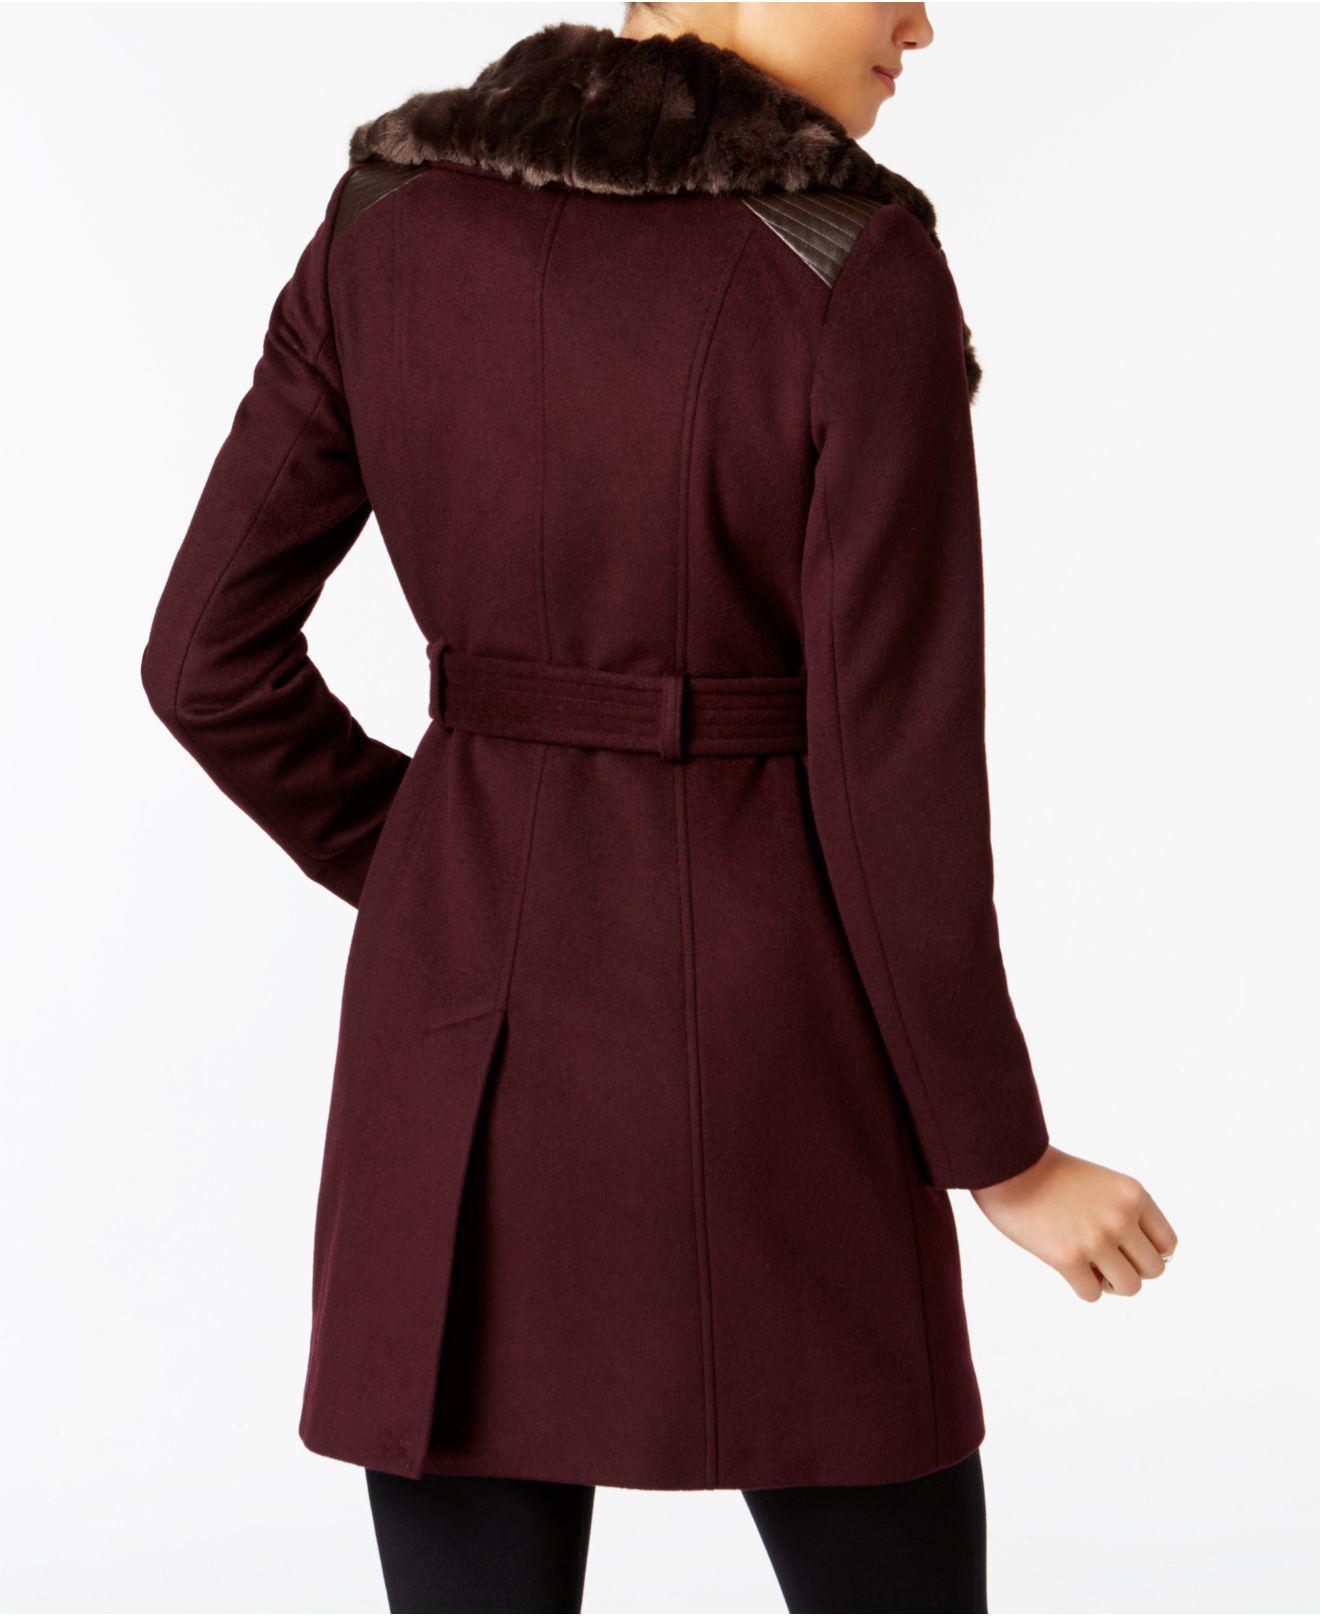 c5eae4cbfb0 Lyst - Via Spiga Kate Faux-fur-collar Mixed-media Coat in Black - Save 50%